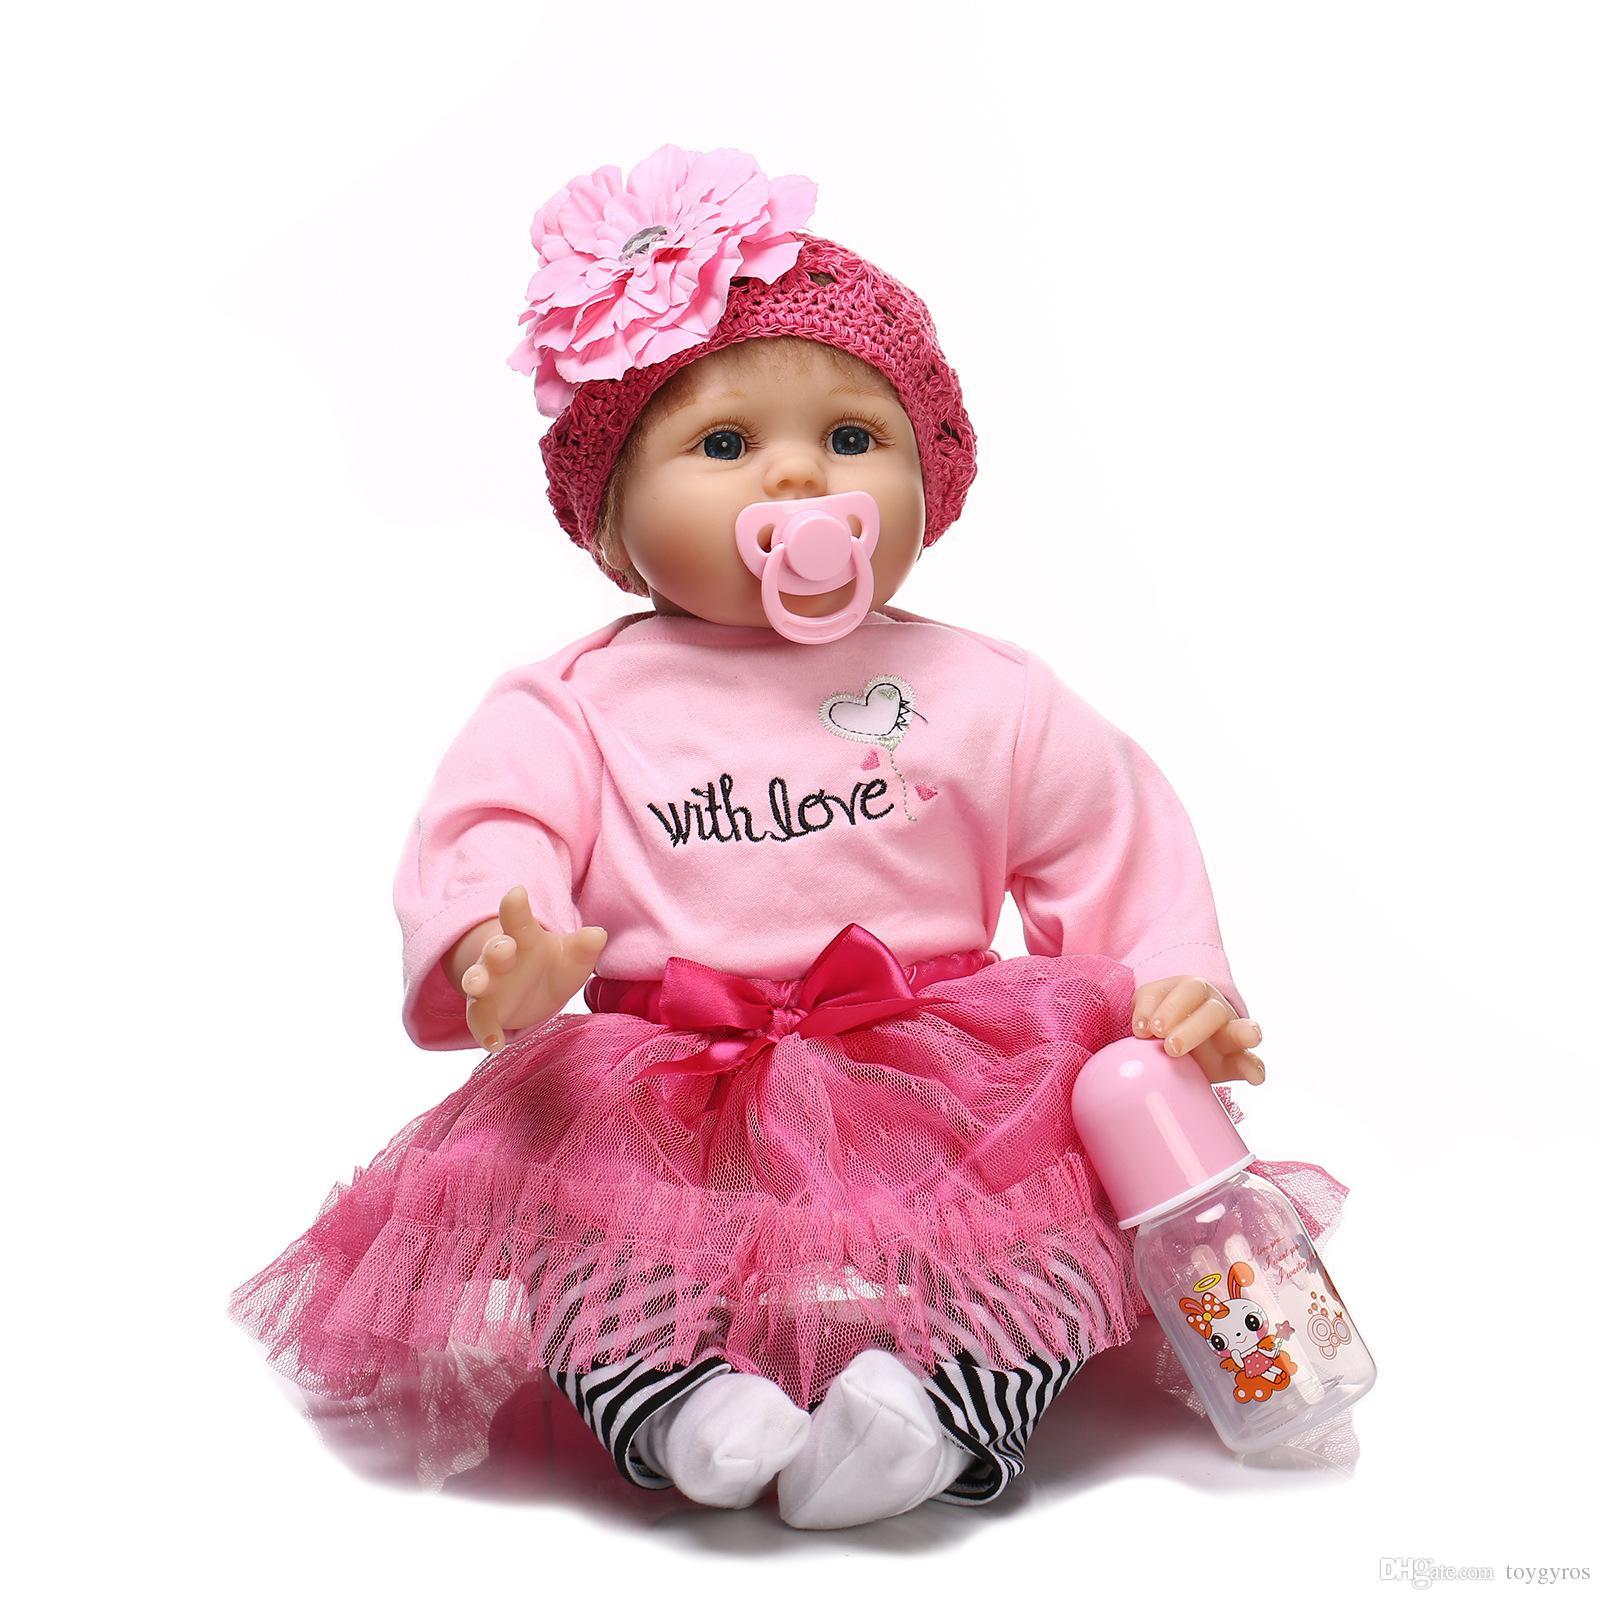 Toys Dolls Rebirth Simulation Baby Girl Doll Cartoon Anime Soft